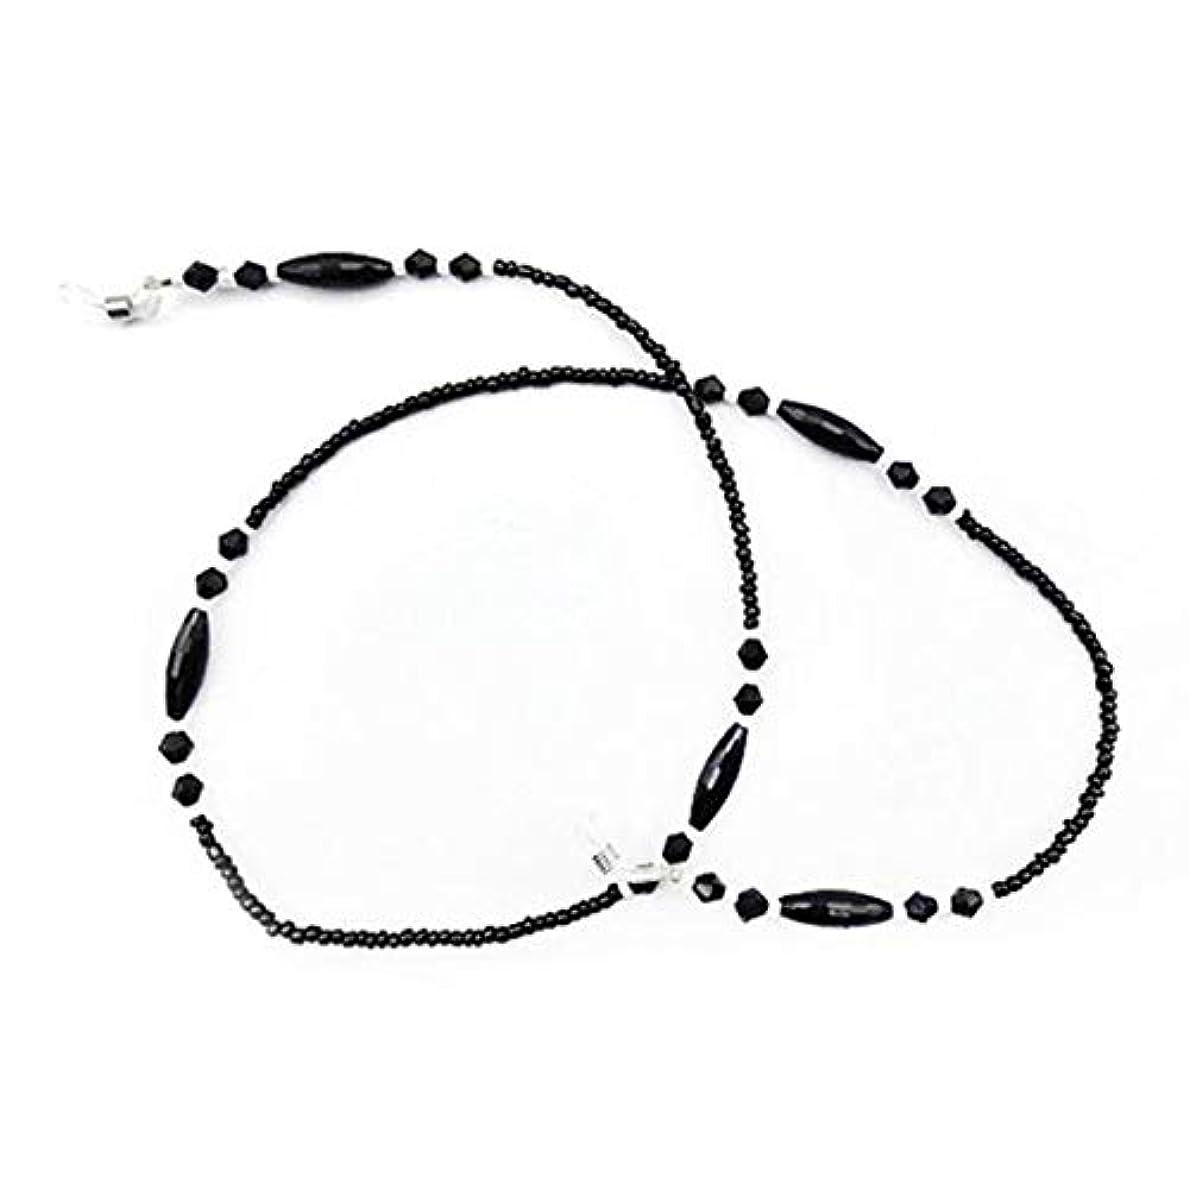 原油から聞く億Blackfell 眼鏡チェーン女性ブラックアクリルビーズチェーン滑り止めアイウェアコードホルダーネックストラップ老眼鏡ロープ